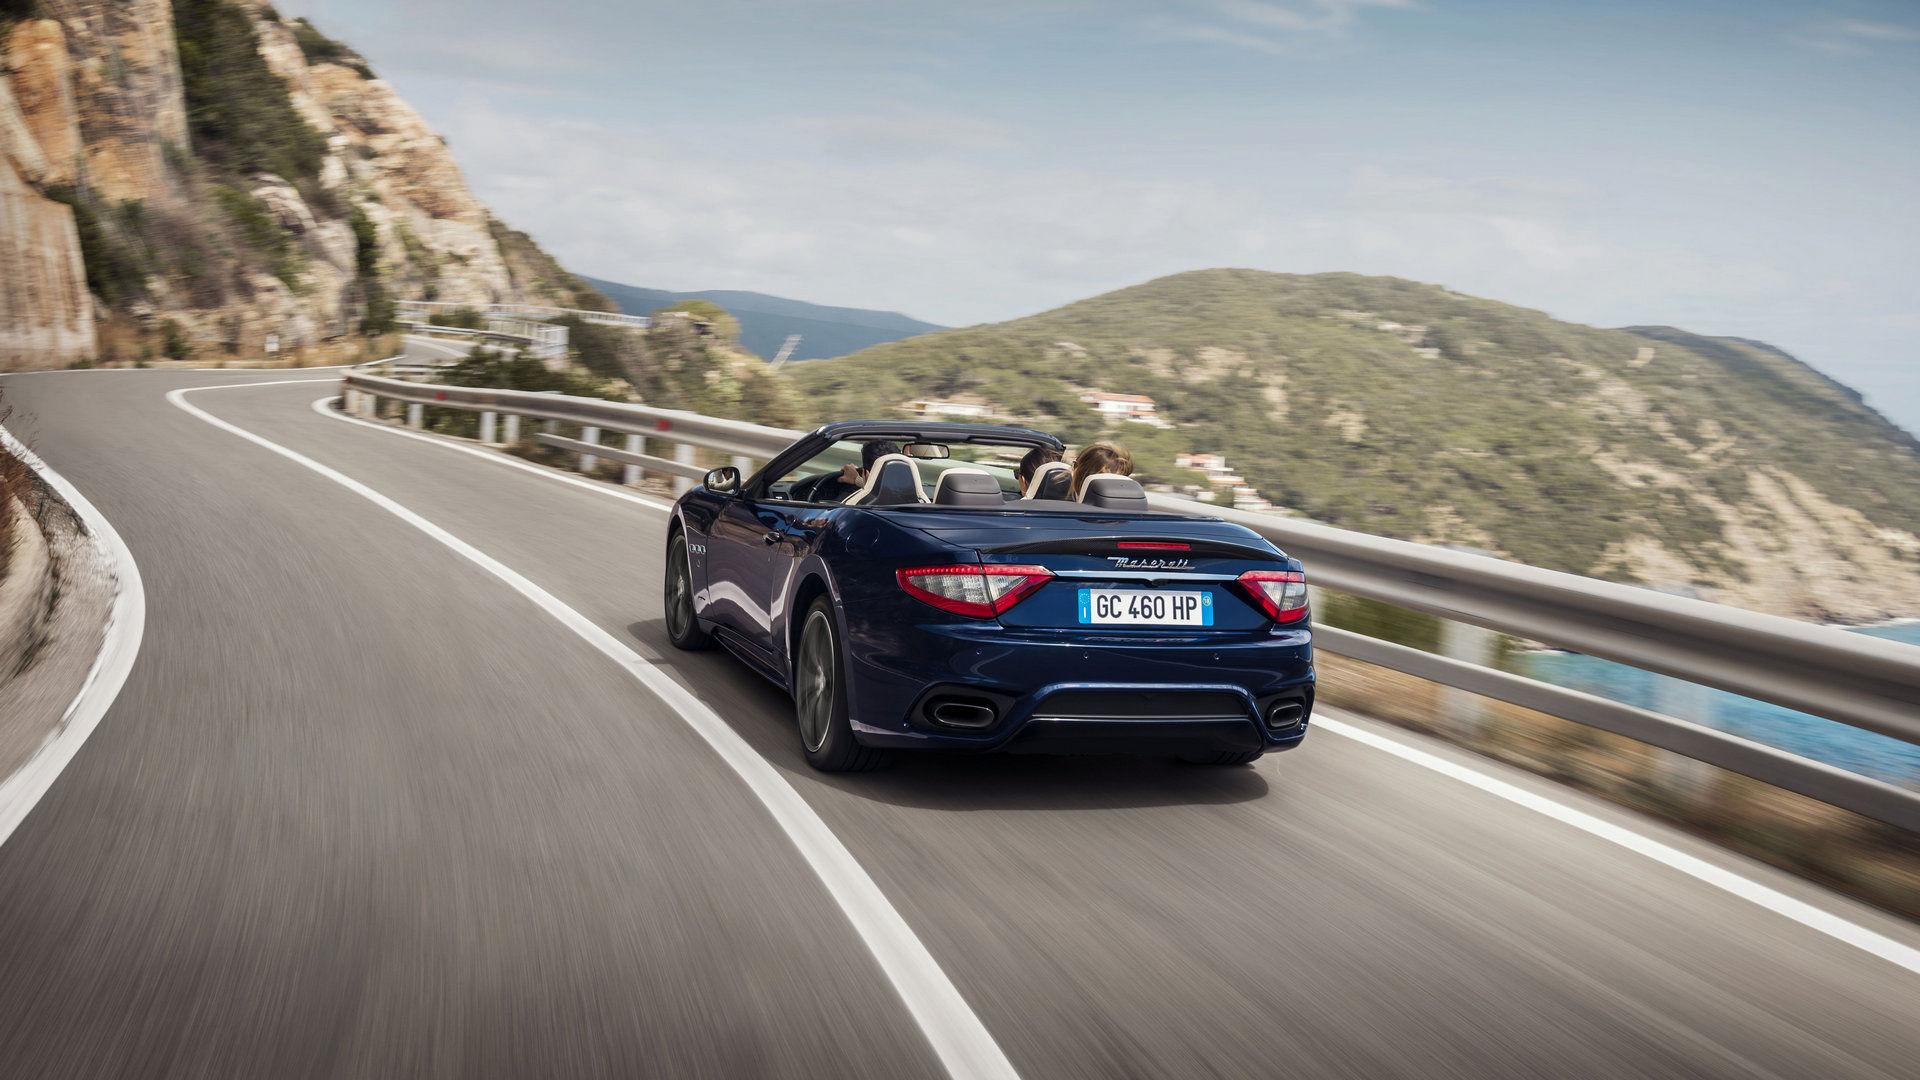 Maserati GranCabrio - Vue arrière - Maserati GranCabrio sur la route